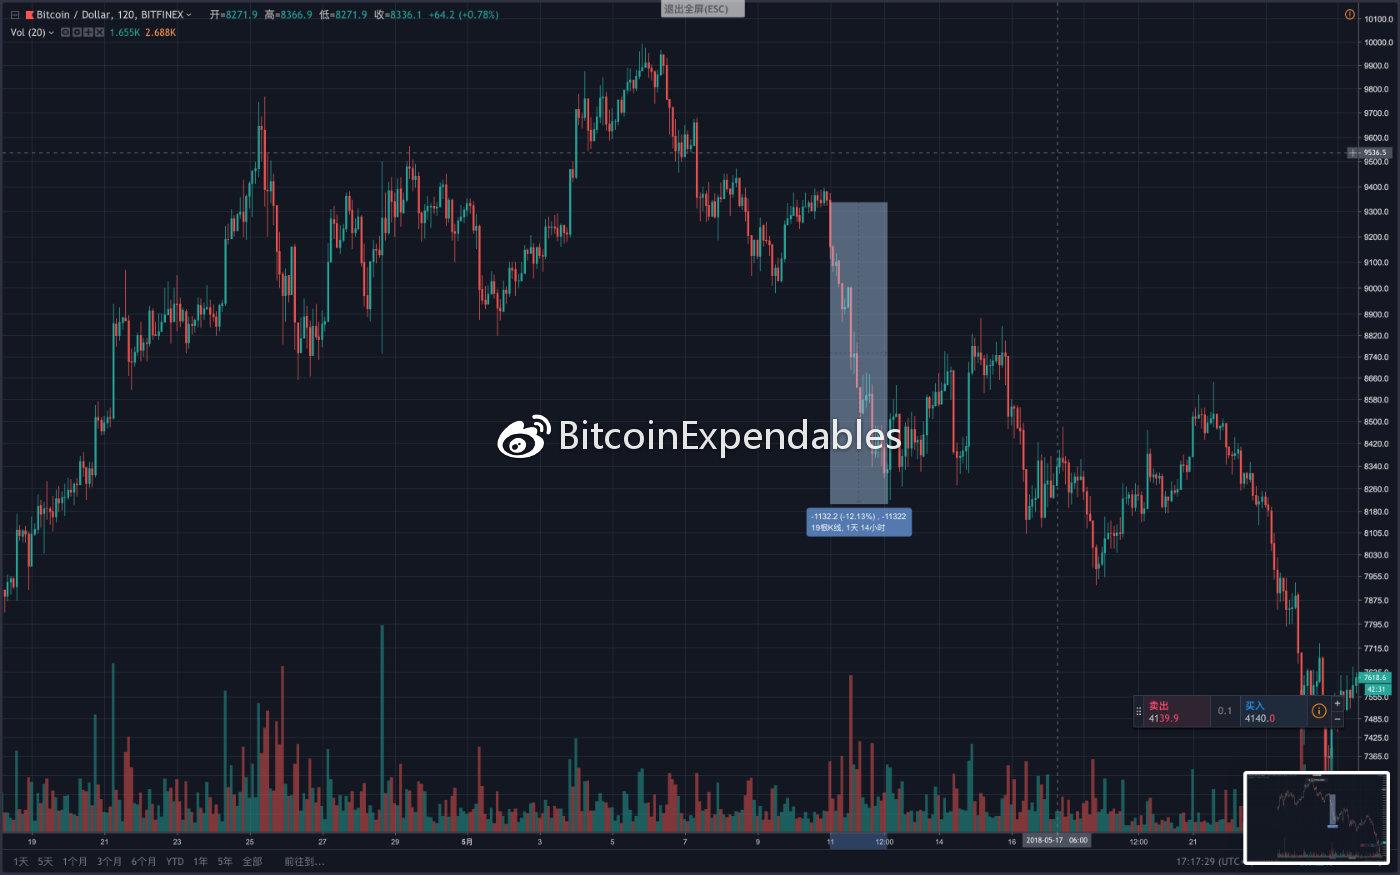 BTCUSDSHORTS(Bitfinex)变化趋势与BTCUSD价格趋势变化历史图形复盘_aicoin_图3